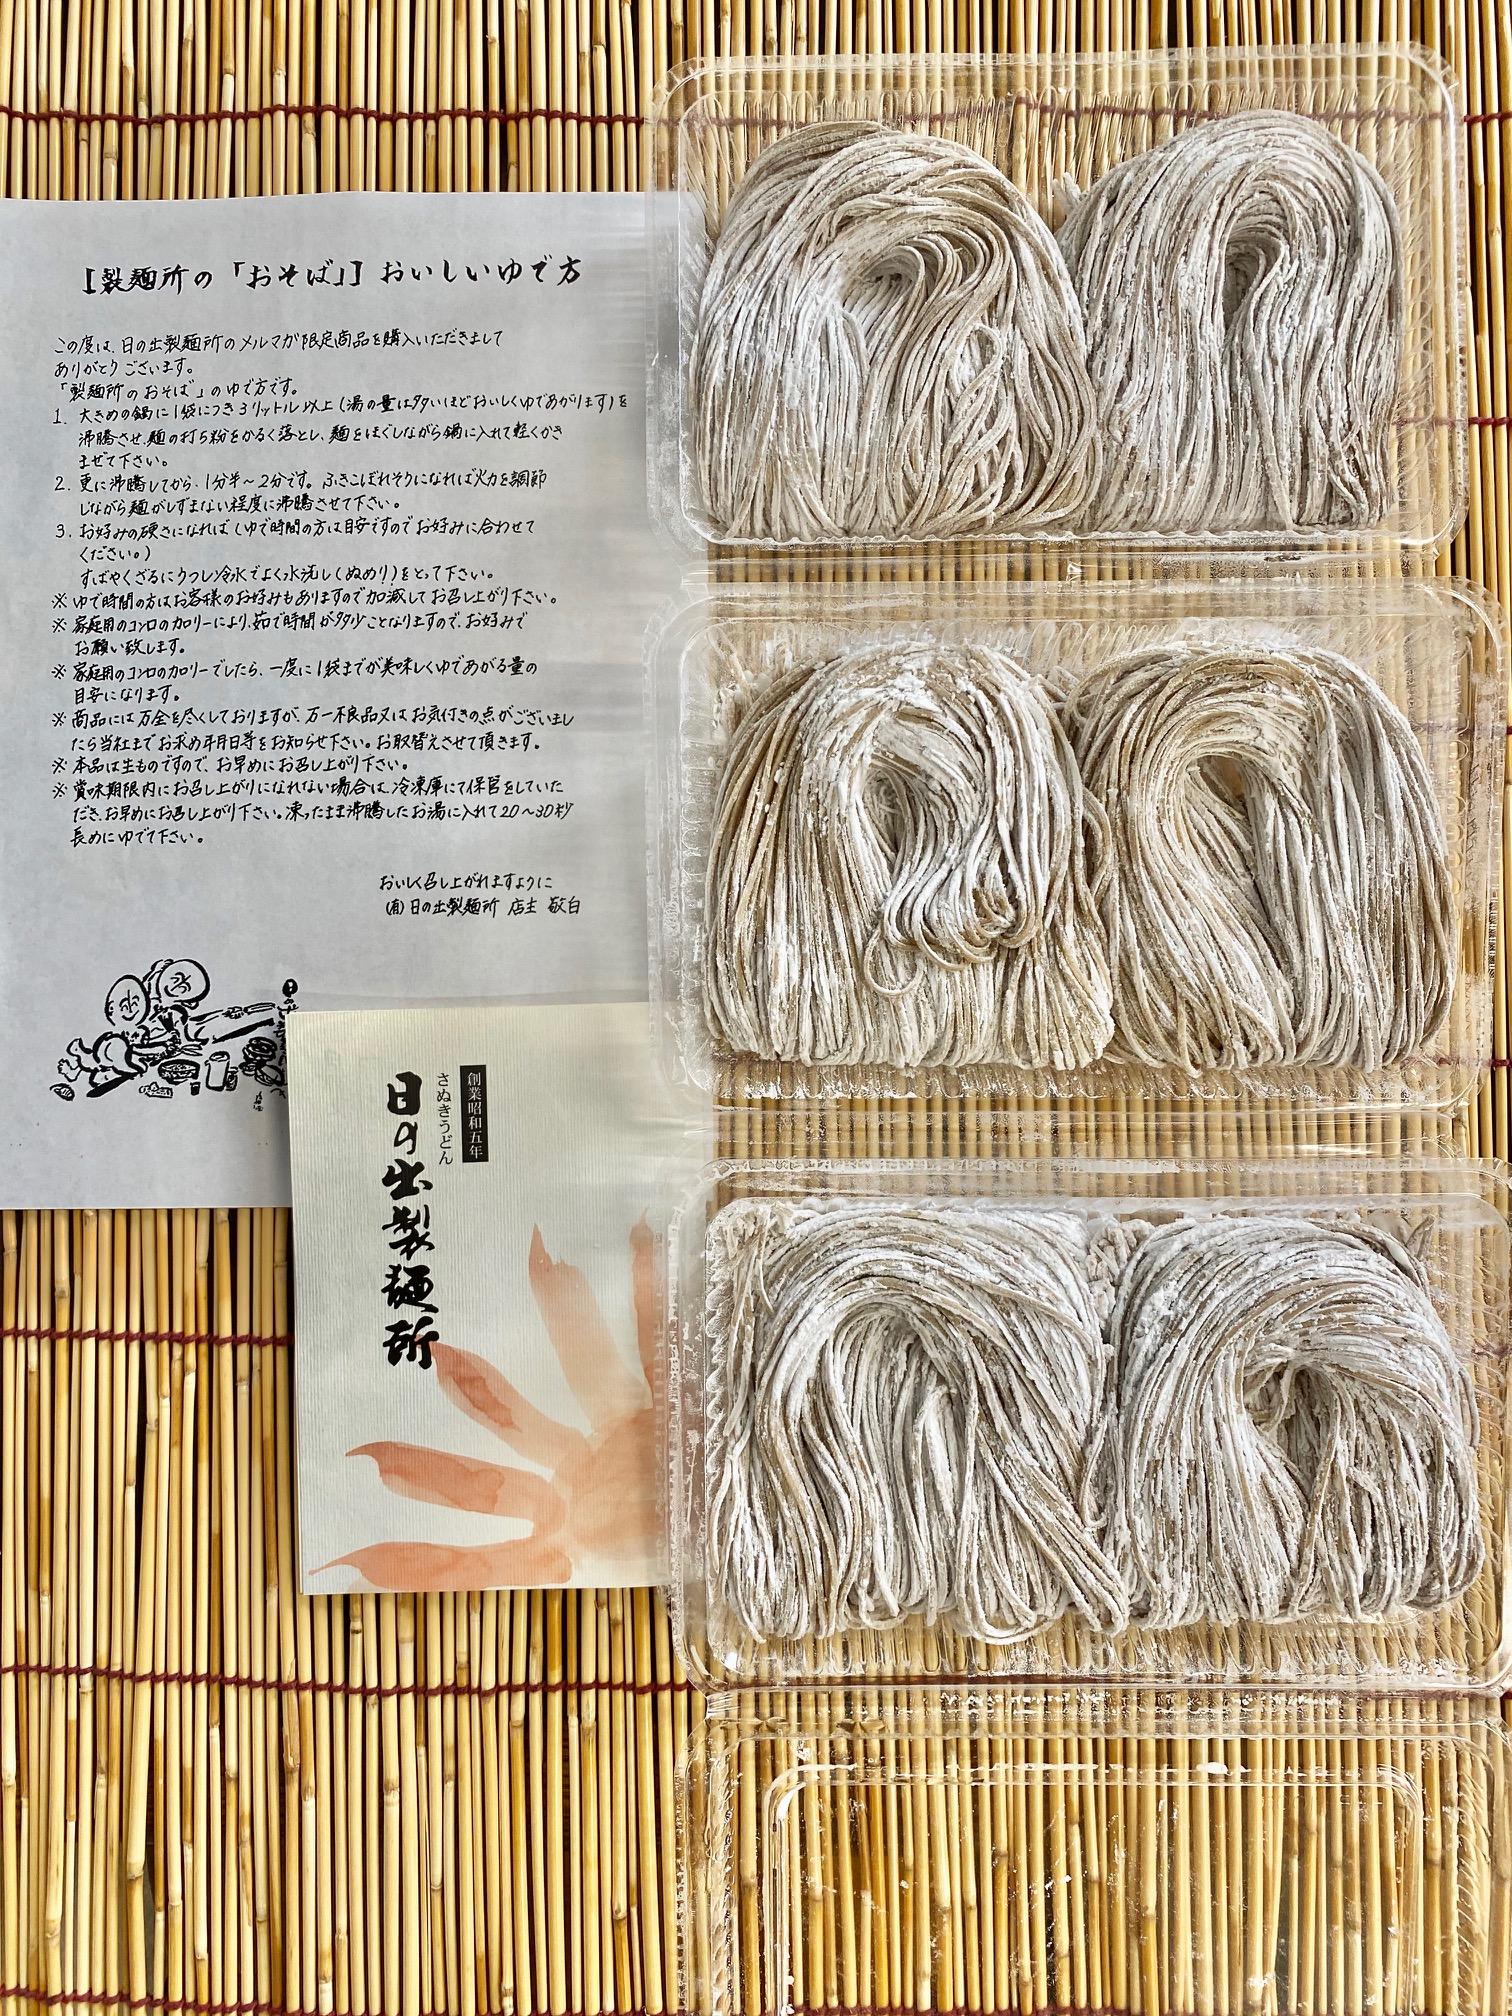 「製麺所のお蕎麦」冷凍パック 250g ×3(麺のみ)